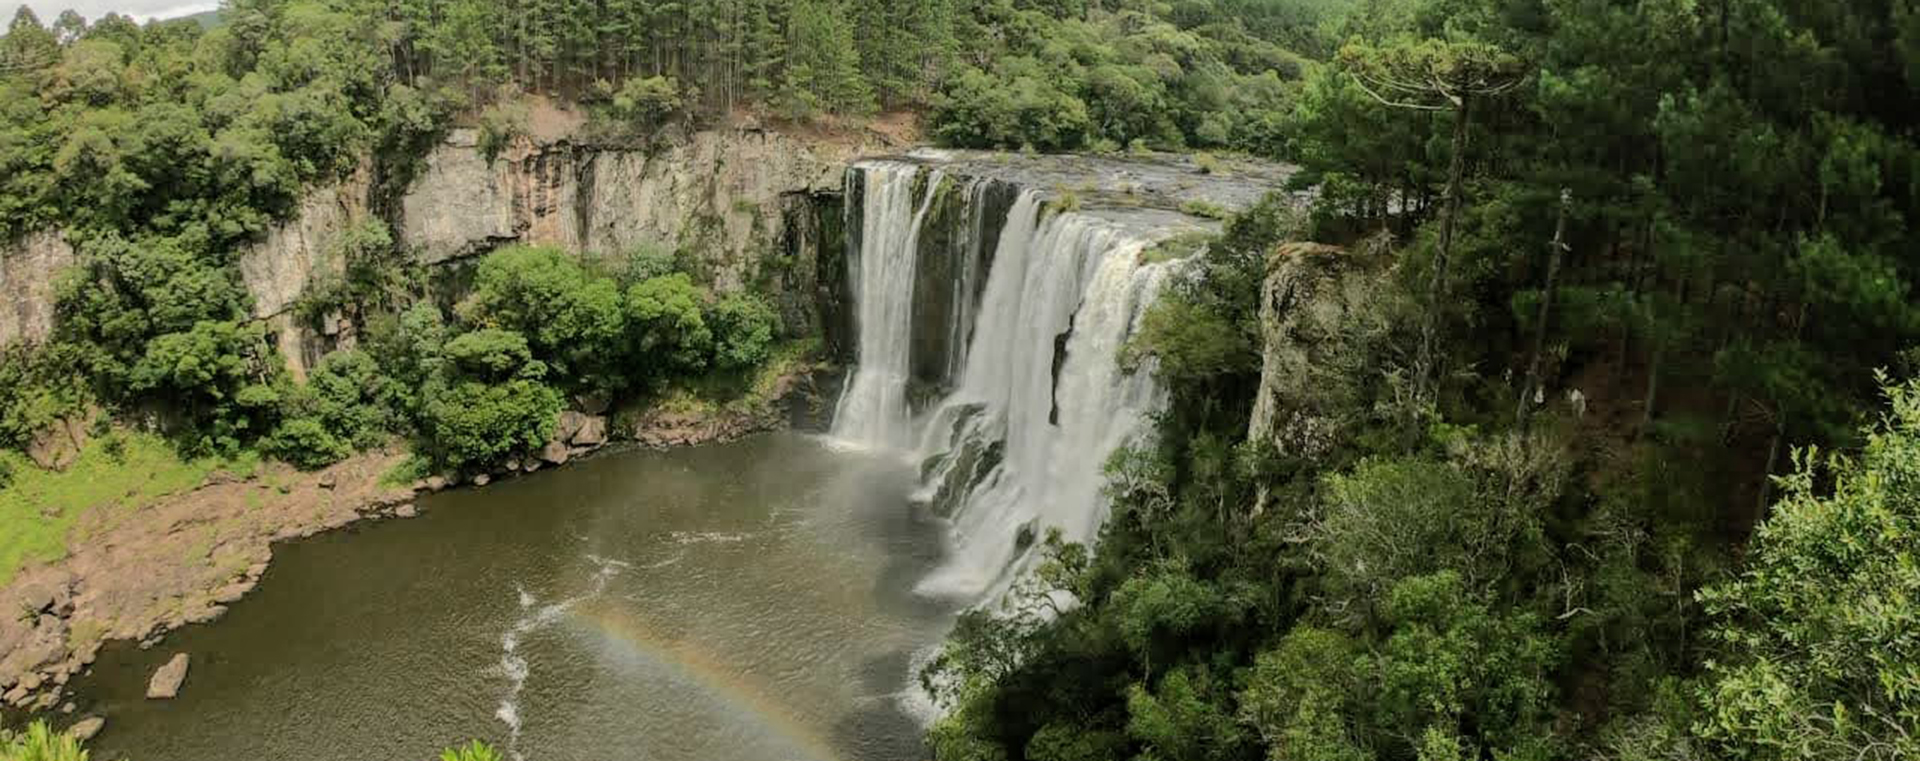 Circuito de Cachoeiras e Cascatas em Bom Jesus no Rio Grande do Sul